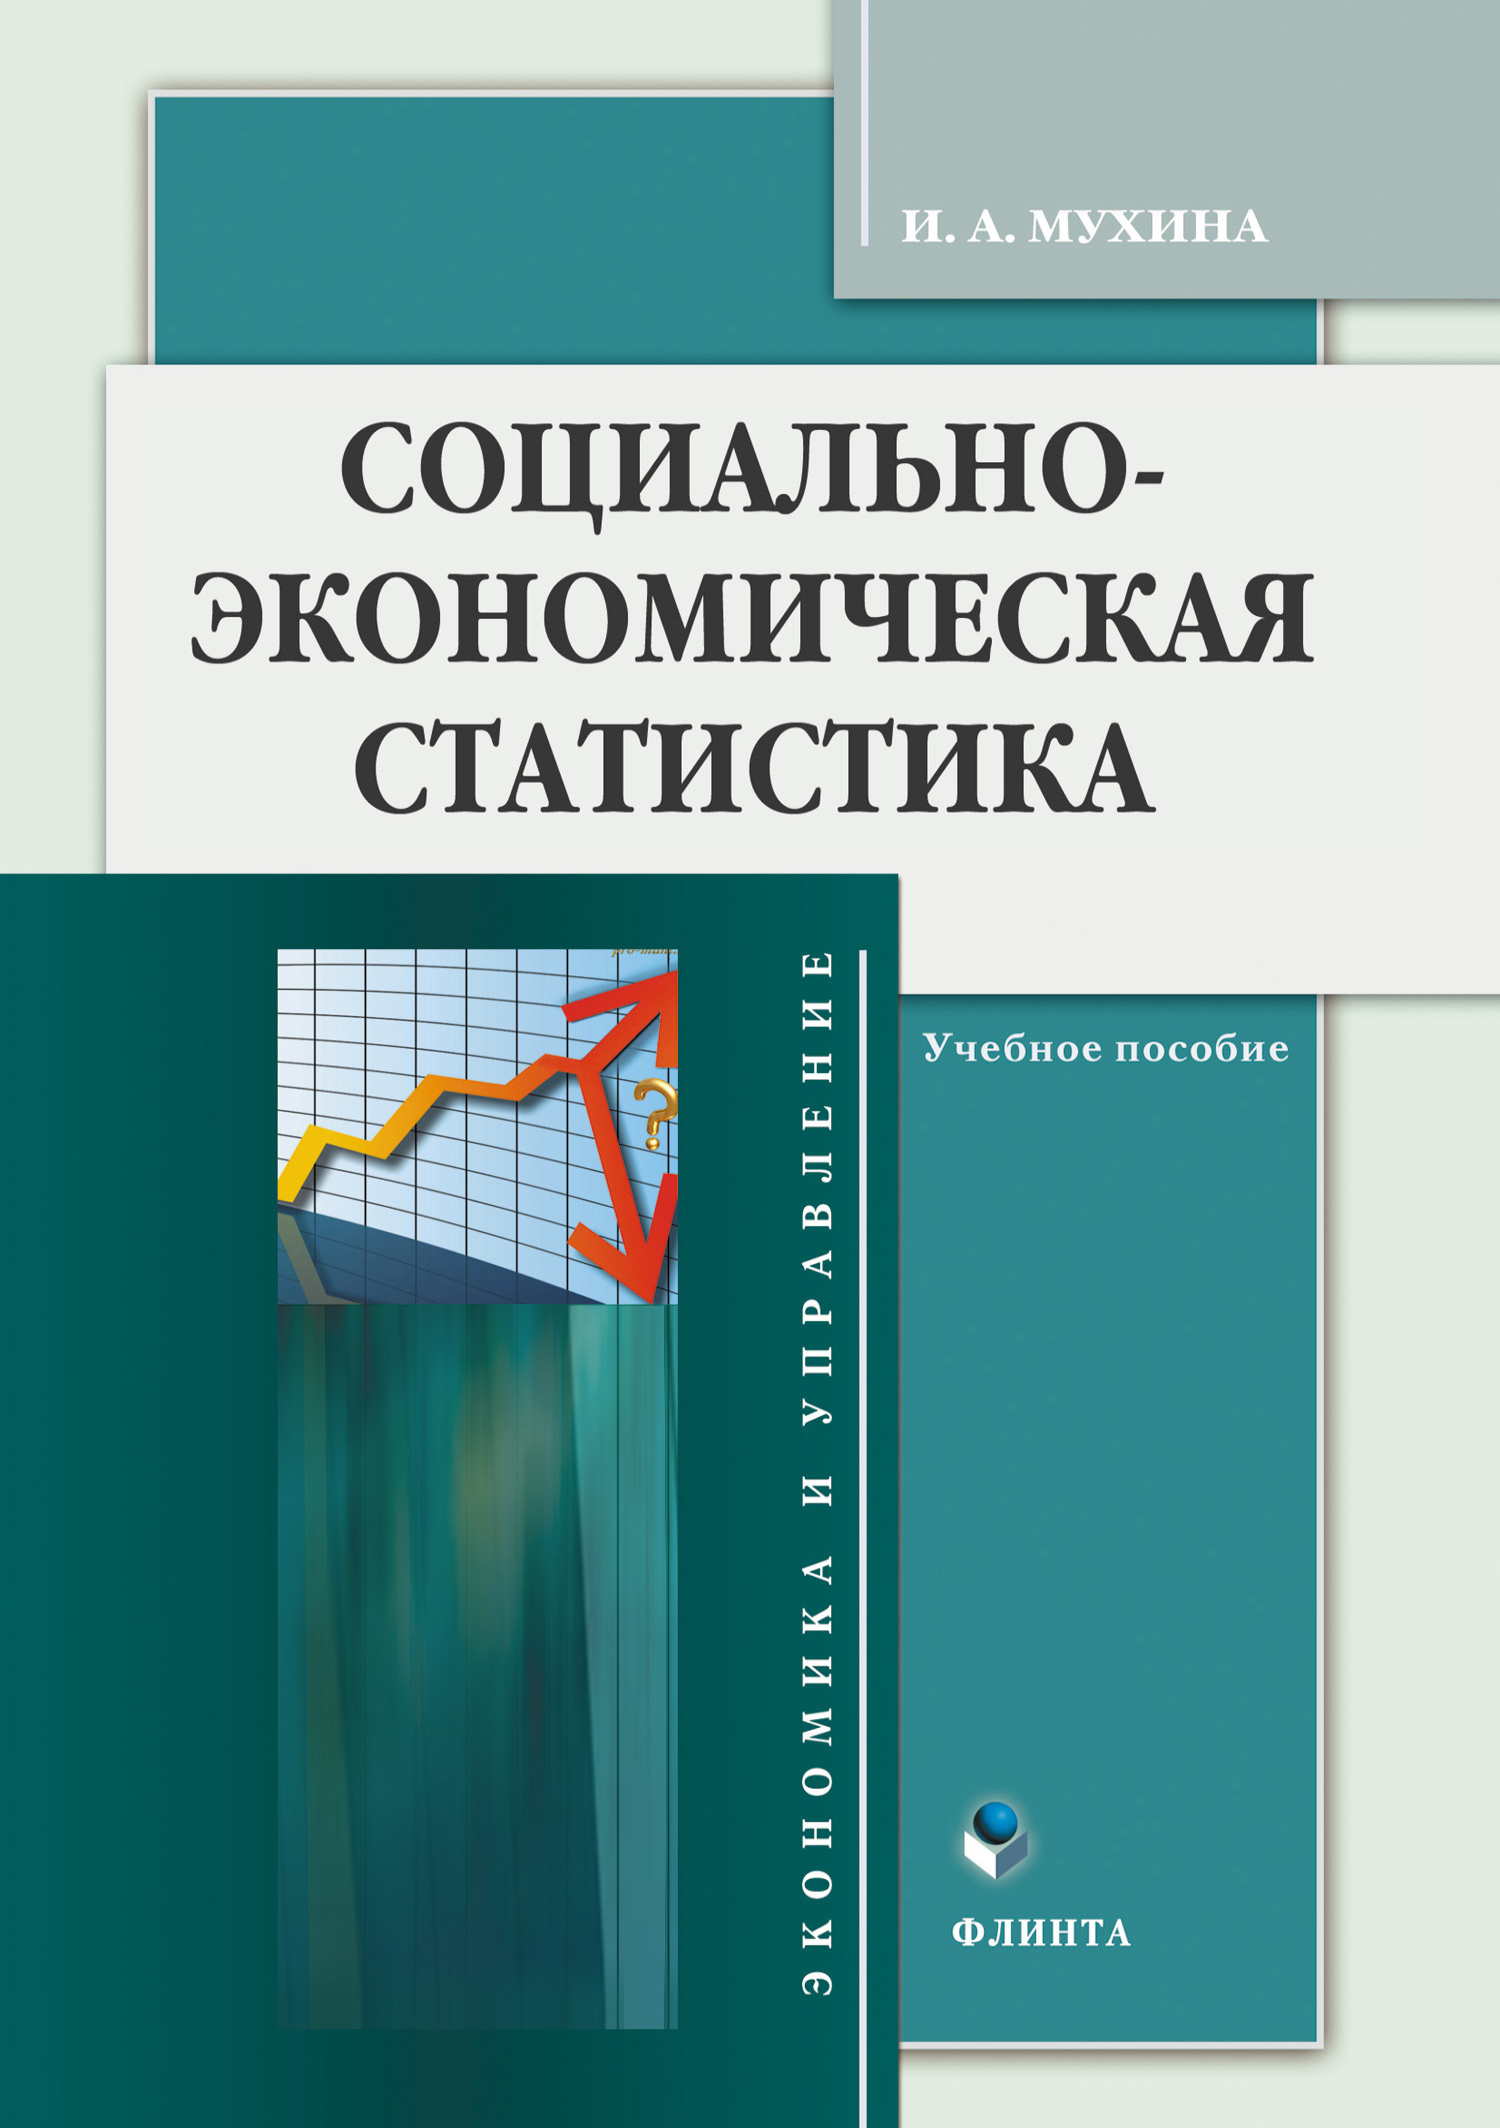 И. А. Мухина Социально-экономическая статистика. Учебное пособие цена